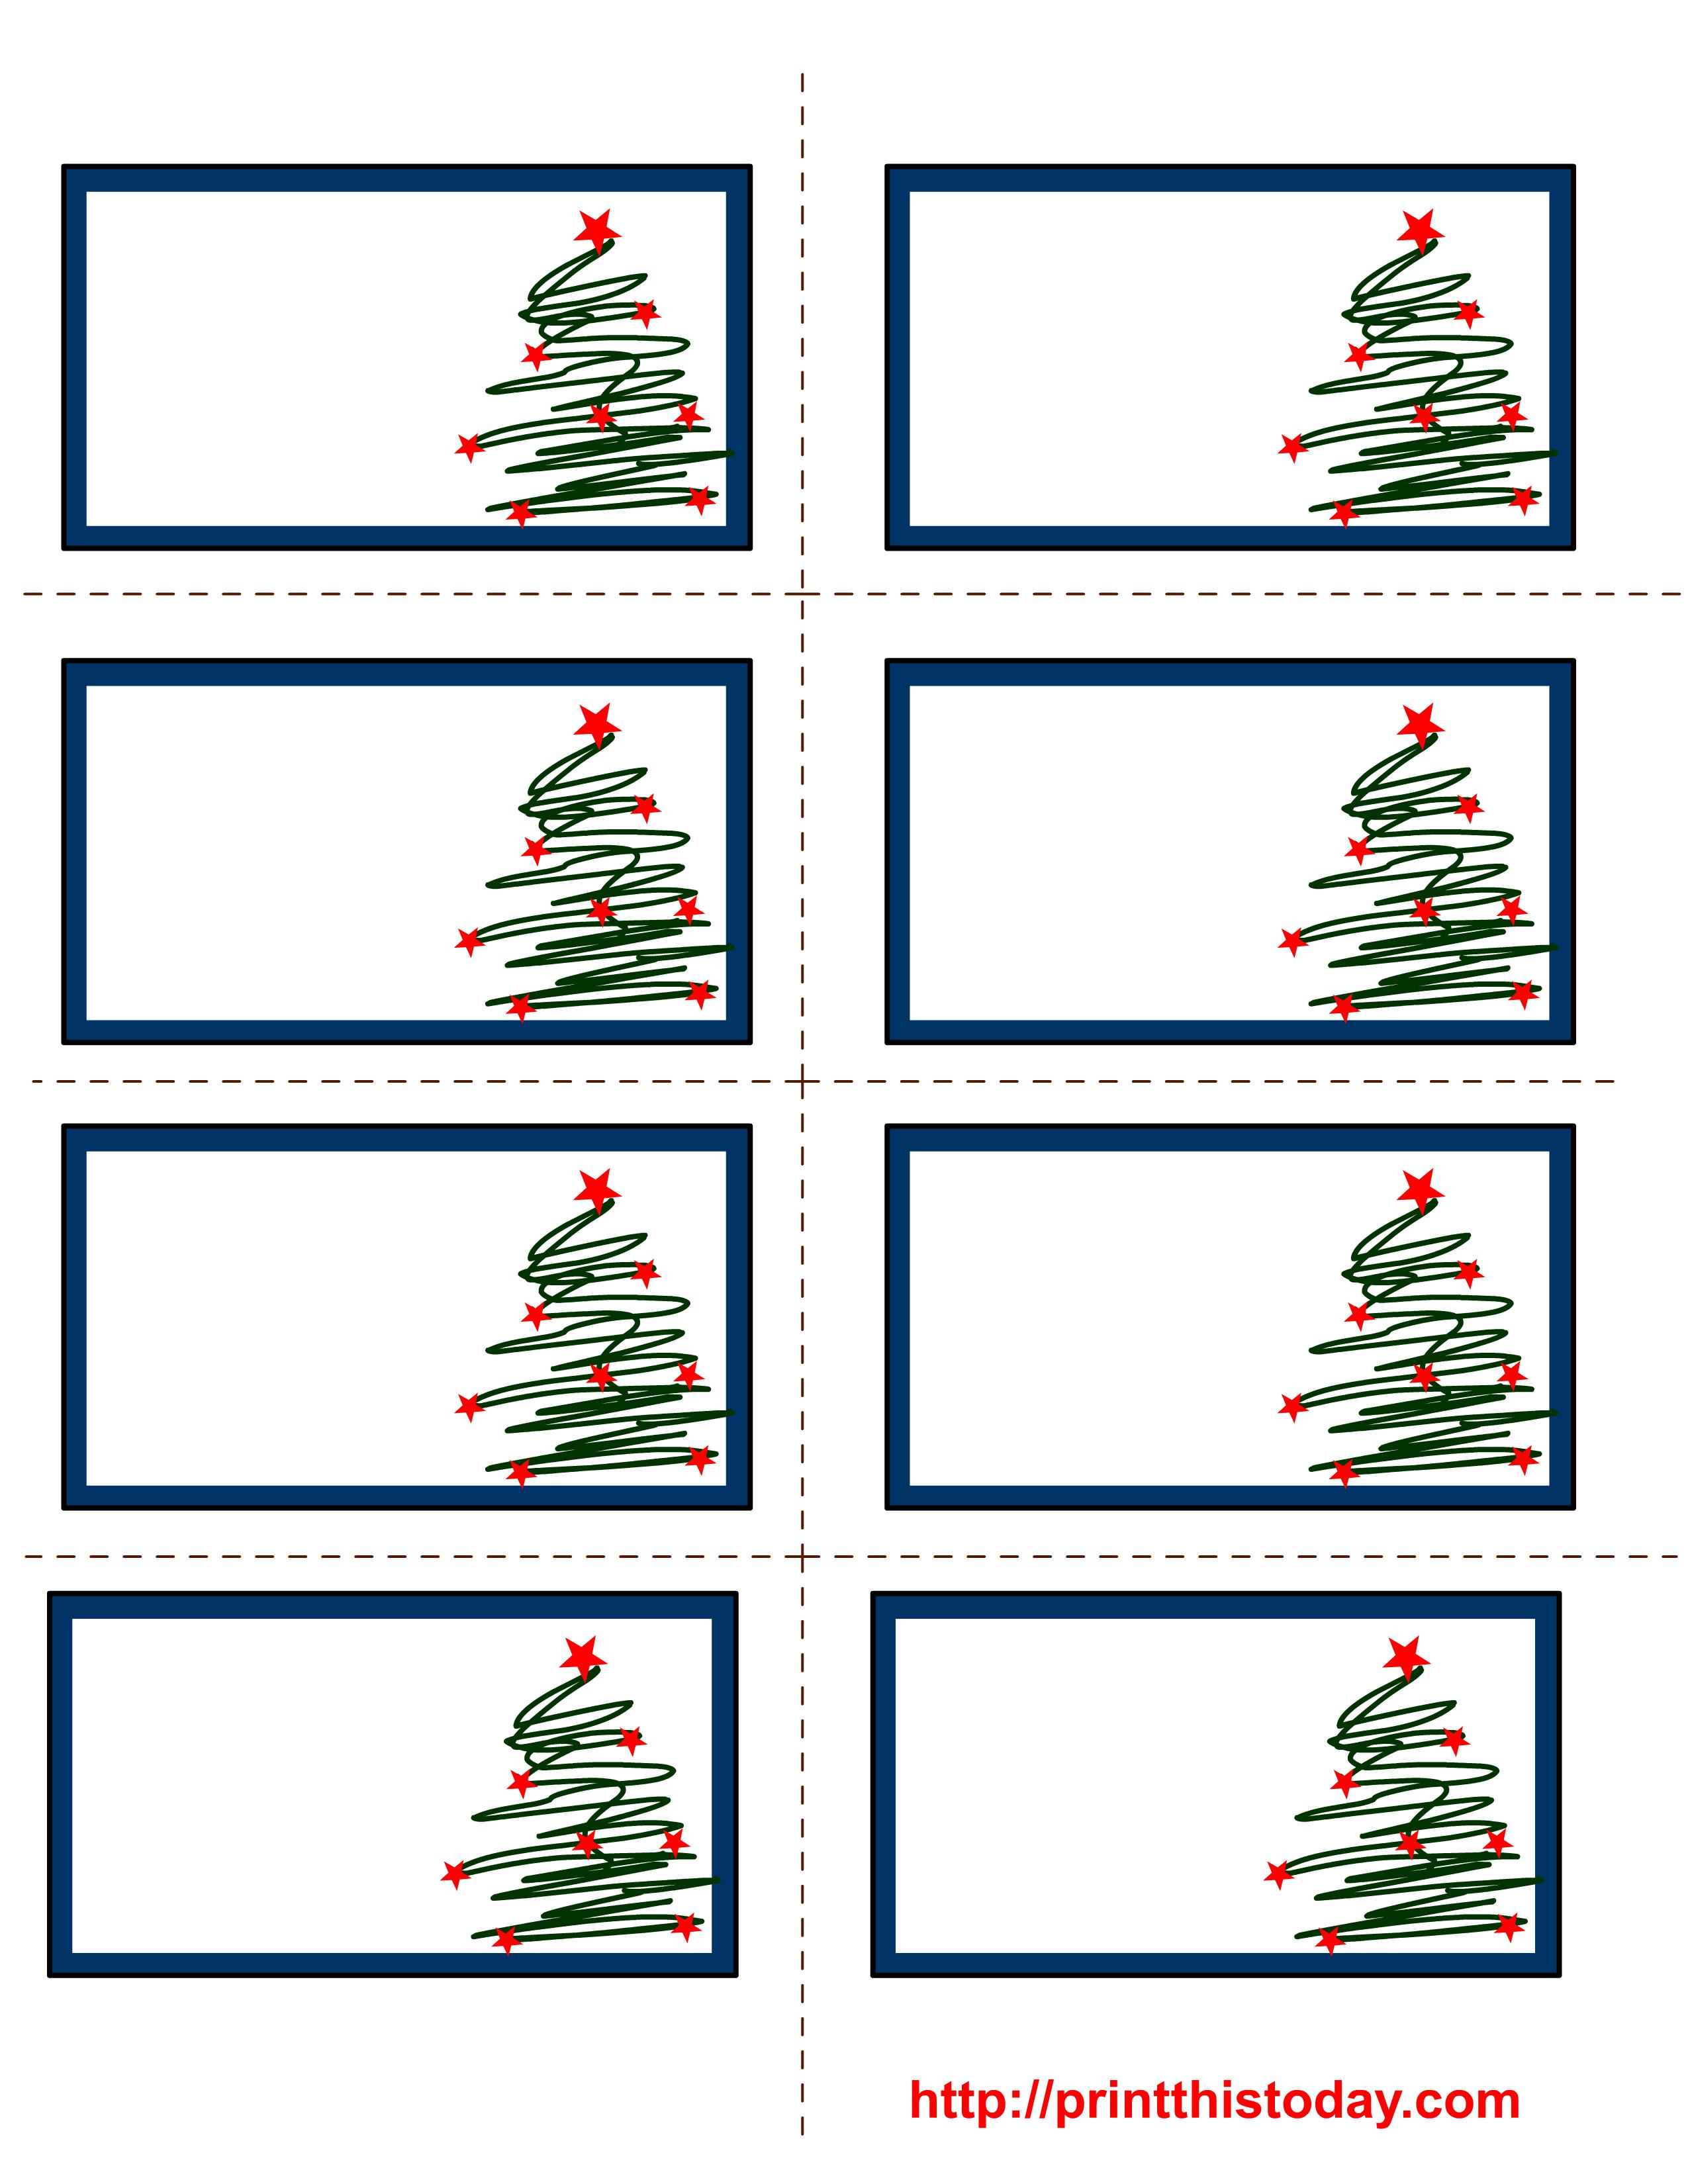 Free Labels Printable   Free Printable Christmas Labels With Trees - Free Printable Christmas Tags Templates